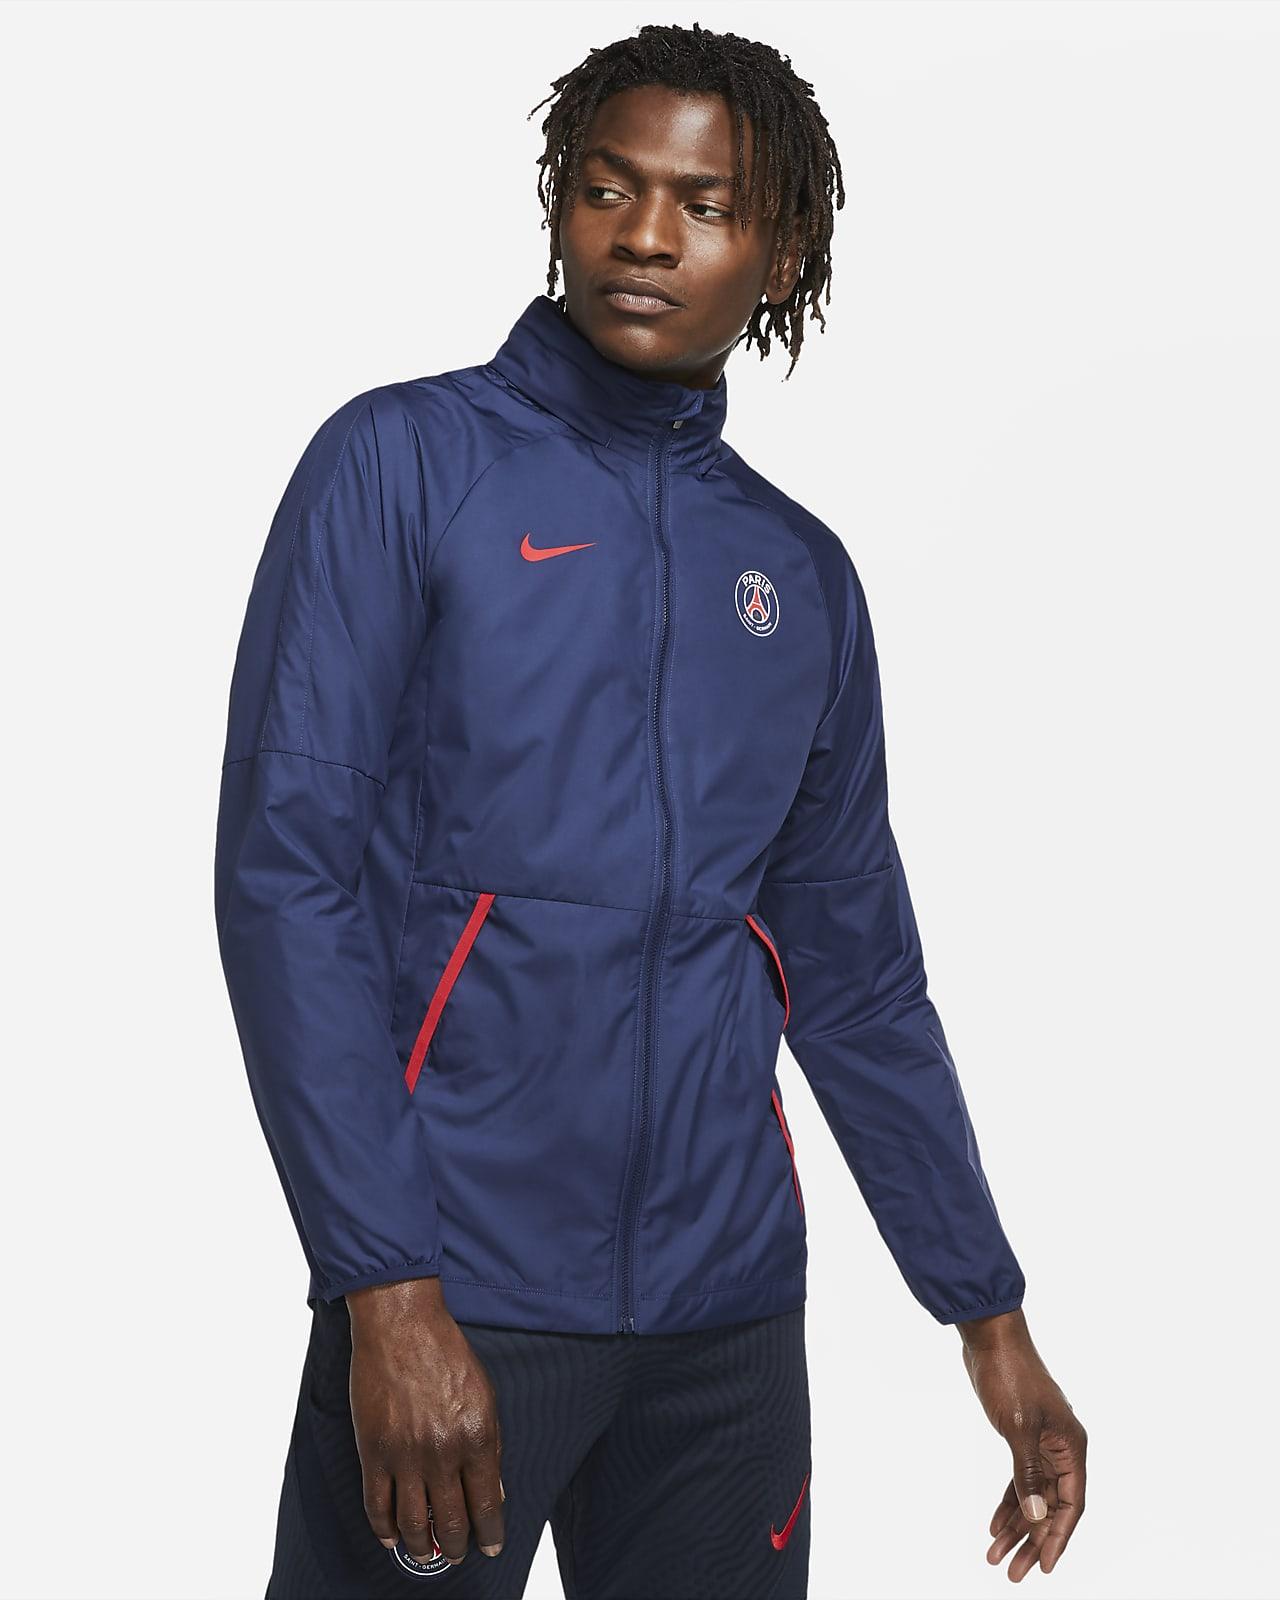 Мужская футбольная куртка с графикой ФК «Пари Сен-Жермен» Repel